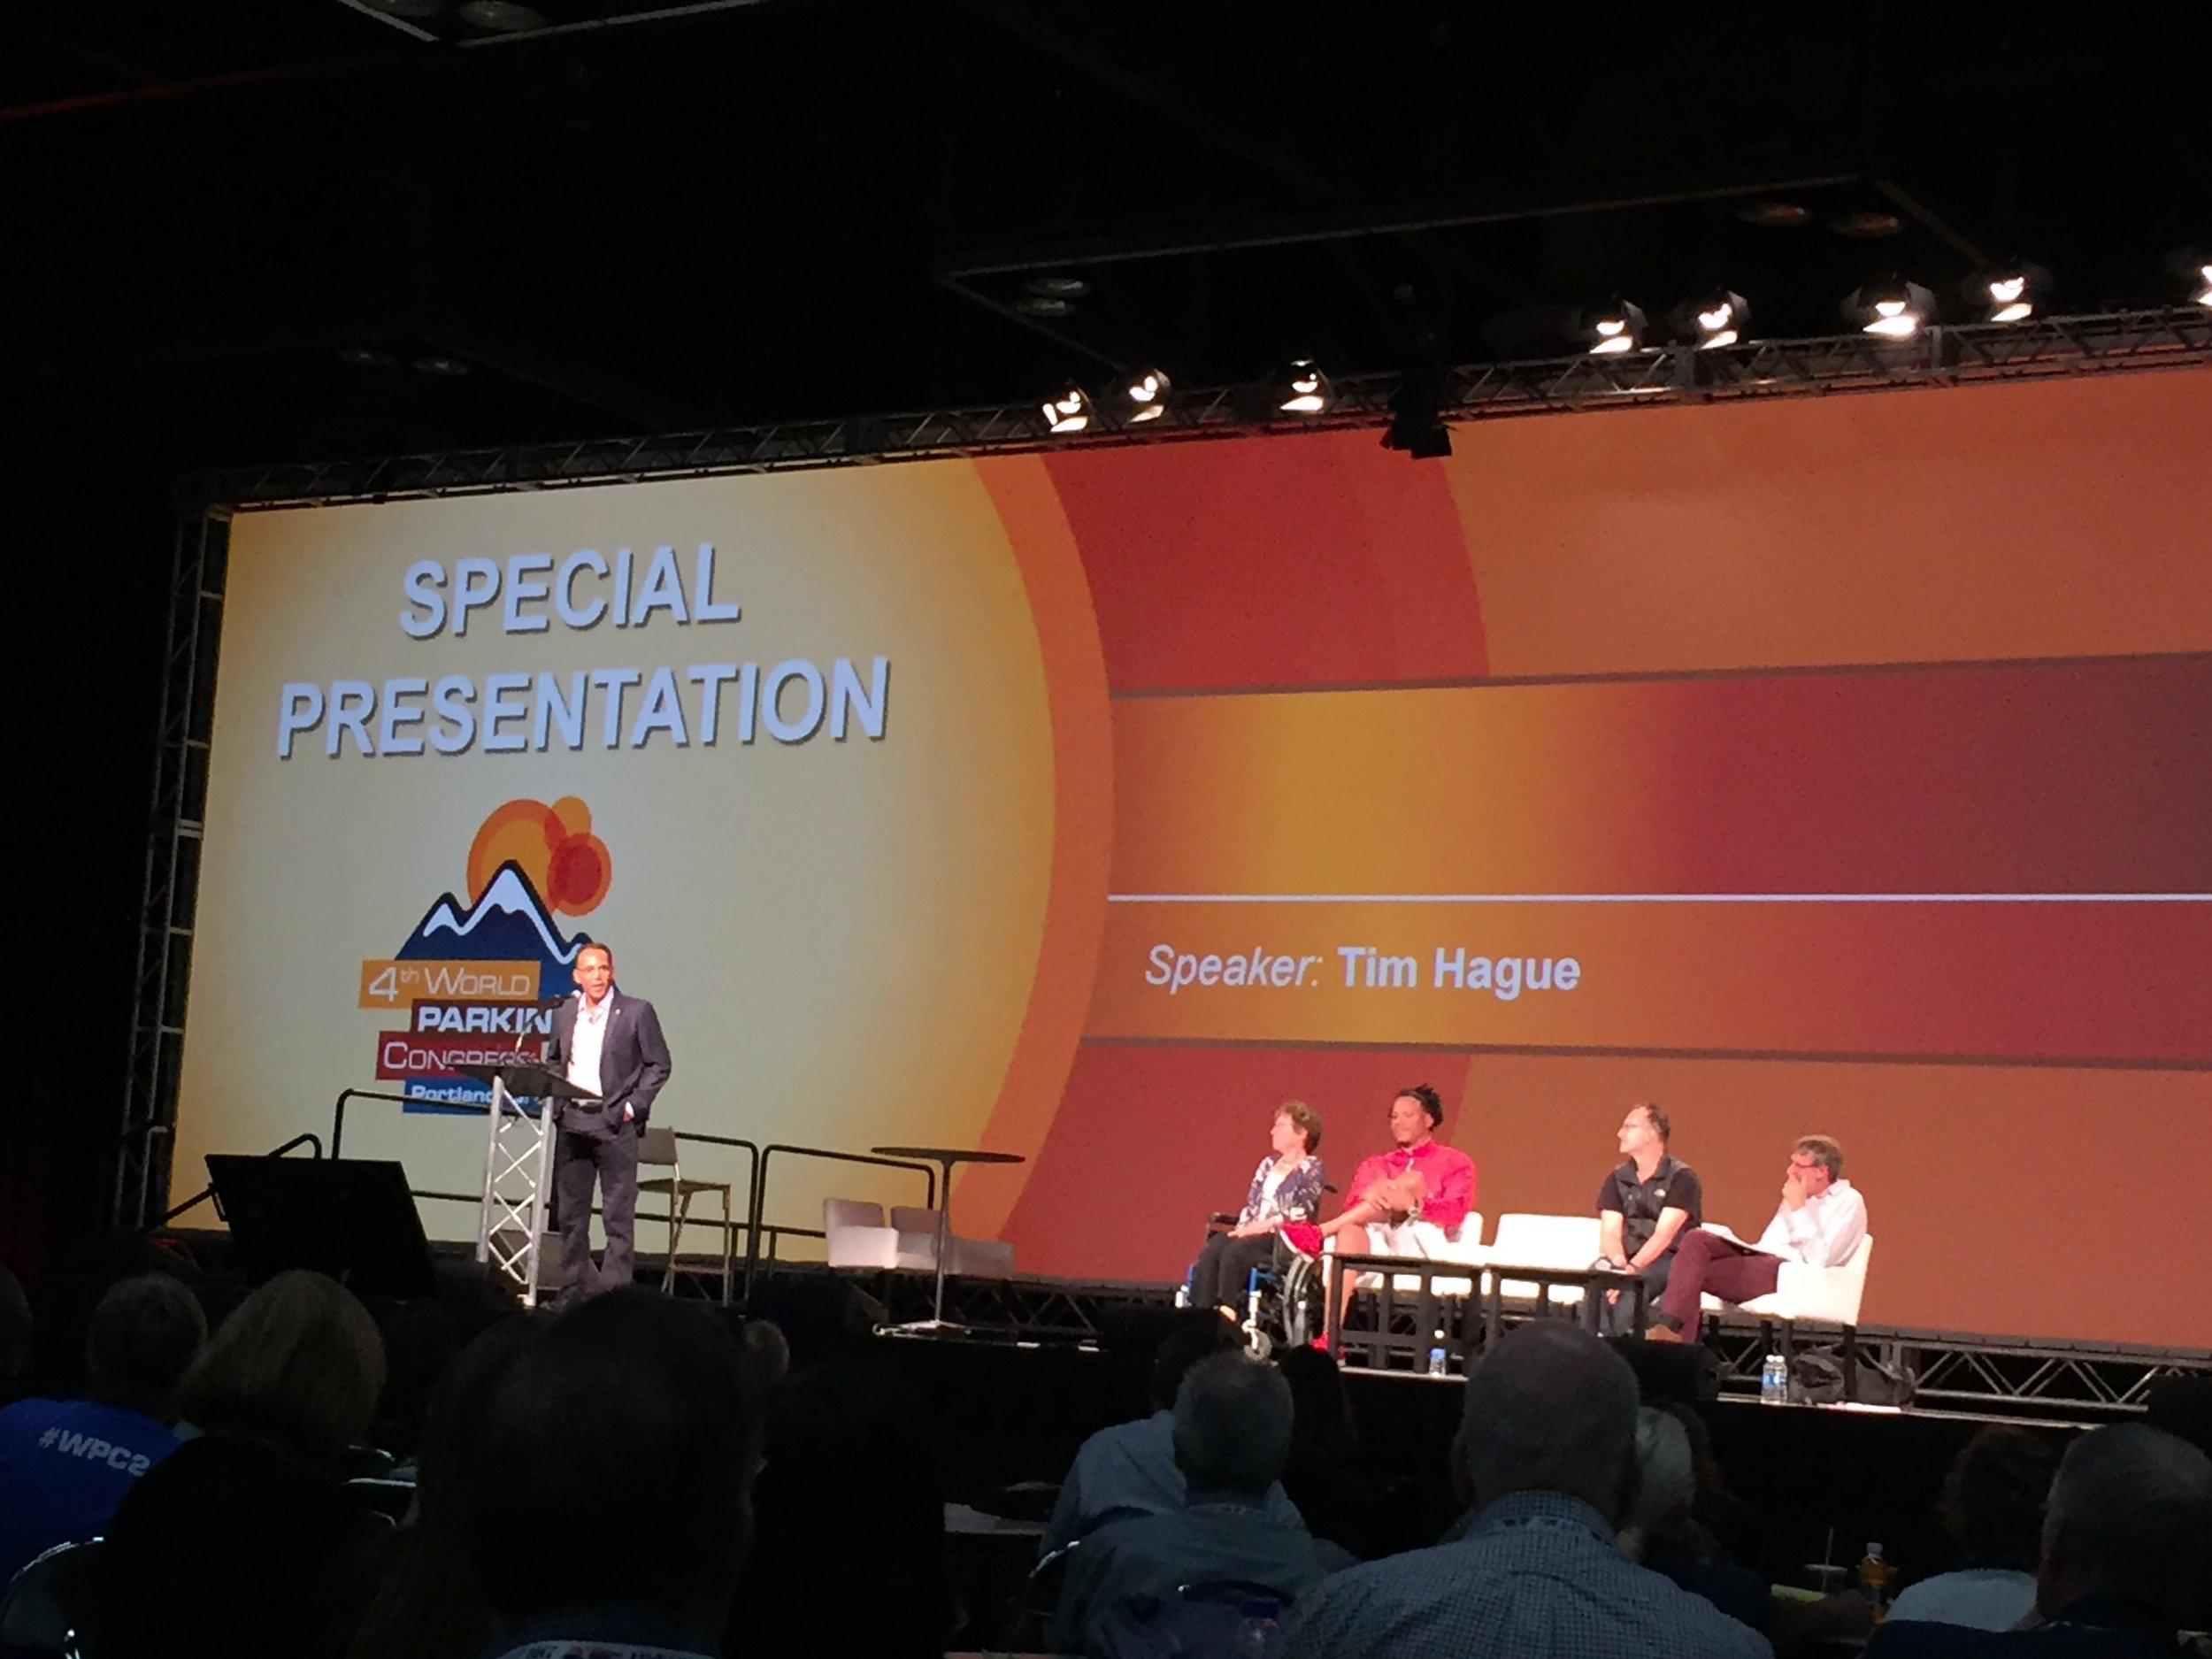 Listening to Tim Hague Sr. speak about Perseverance